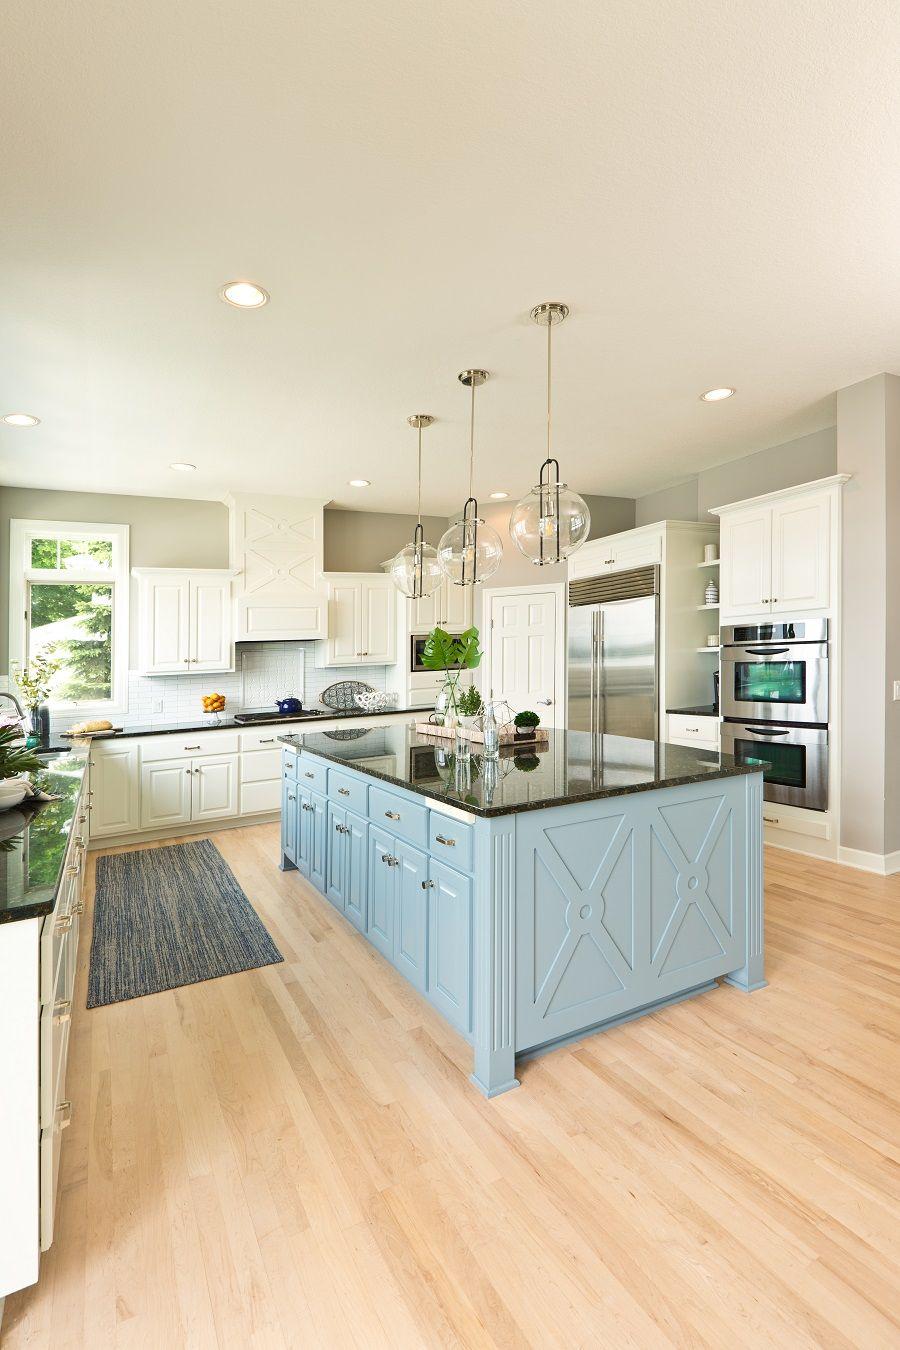 Leroymerlin Leroymerlinpolska Dlabohaterowdomu Kuchnia Szafki Fronty Kitchen Podloga Pane Kitchen Design New Interior Design Interior Design Your Home